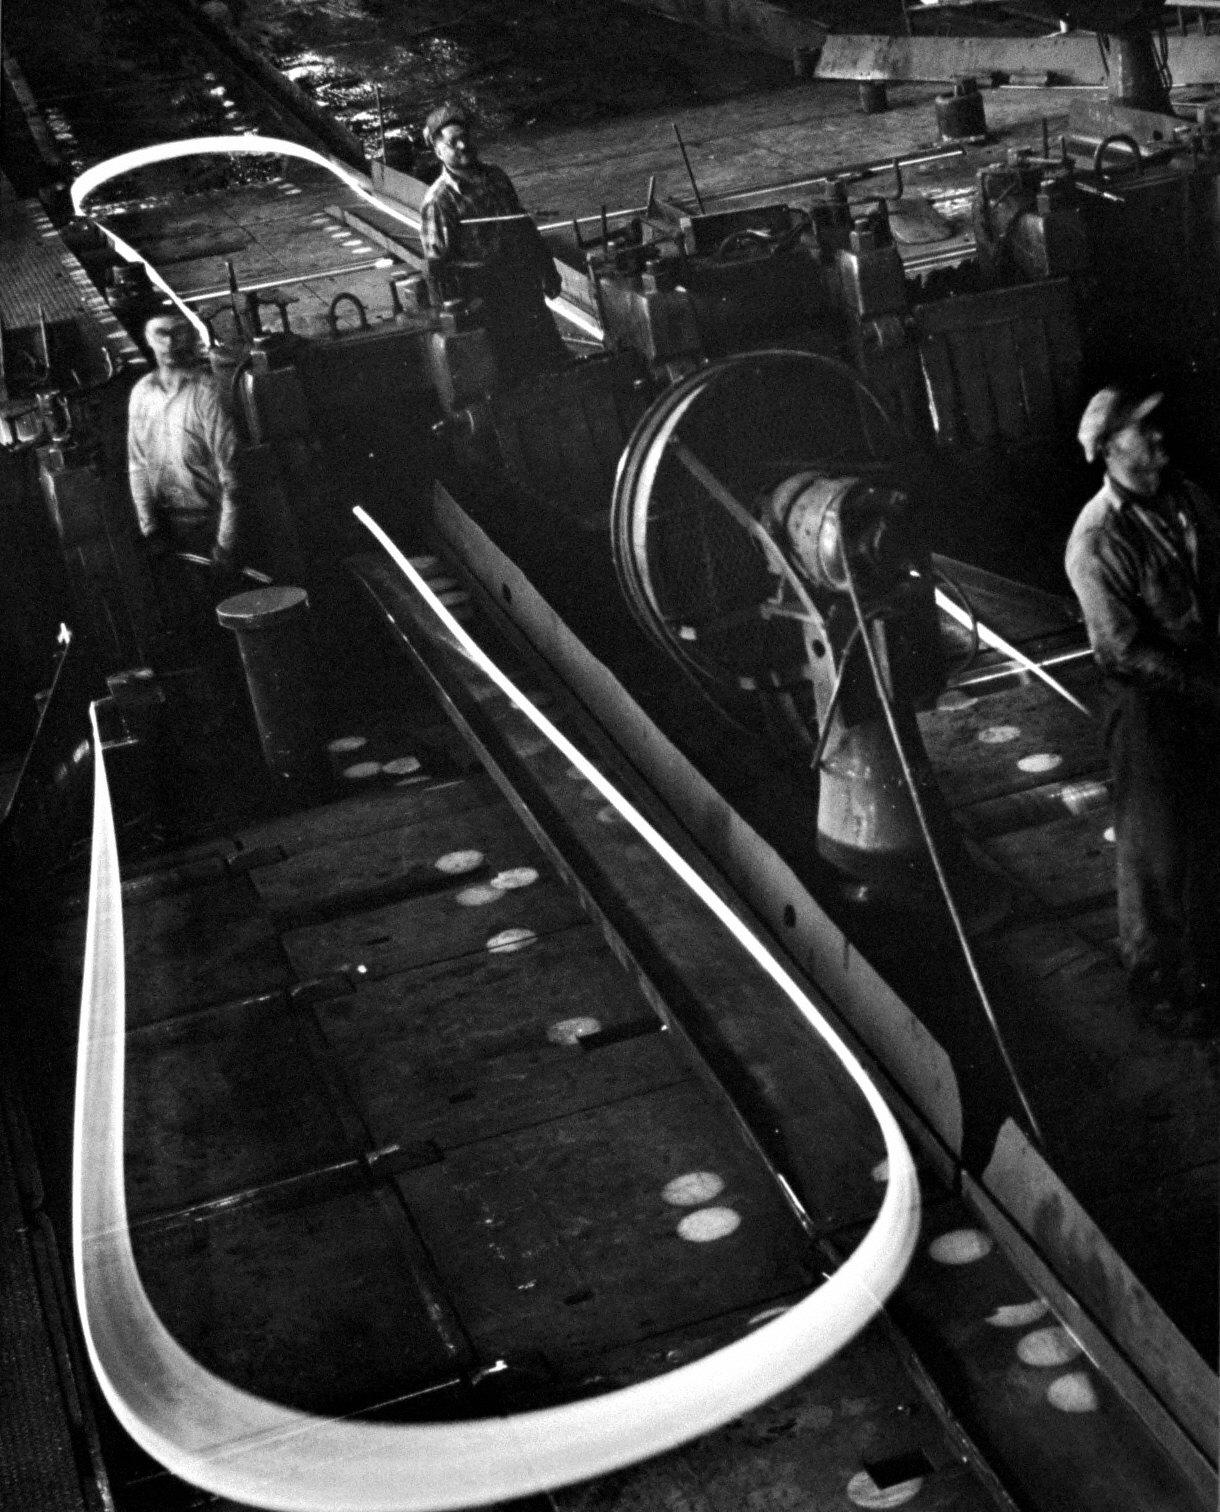 Men working in steel factory